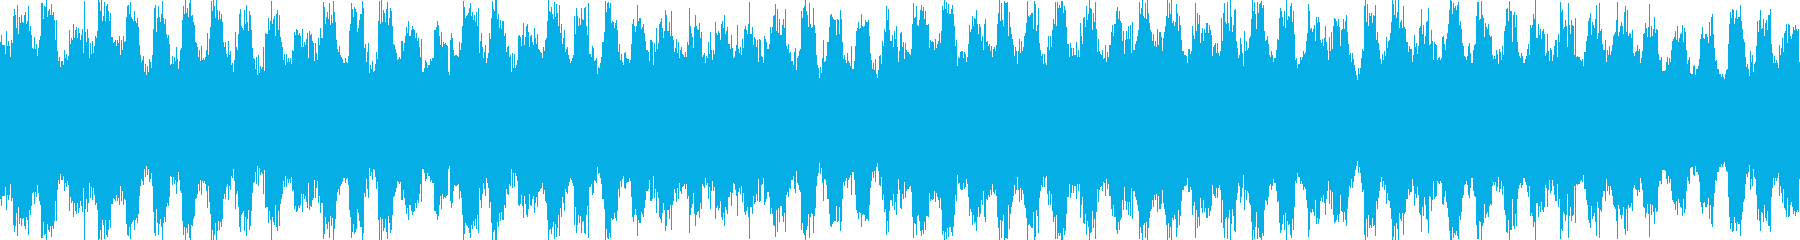 ジャジーなピアノおしゃれポップループbの再生済みの波形